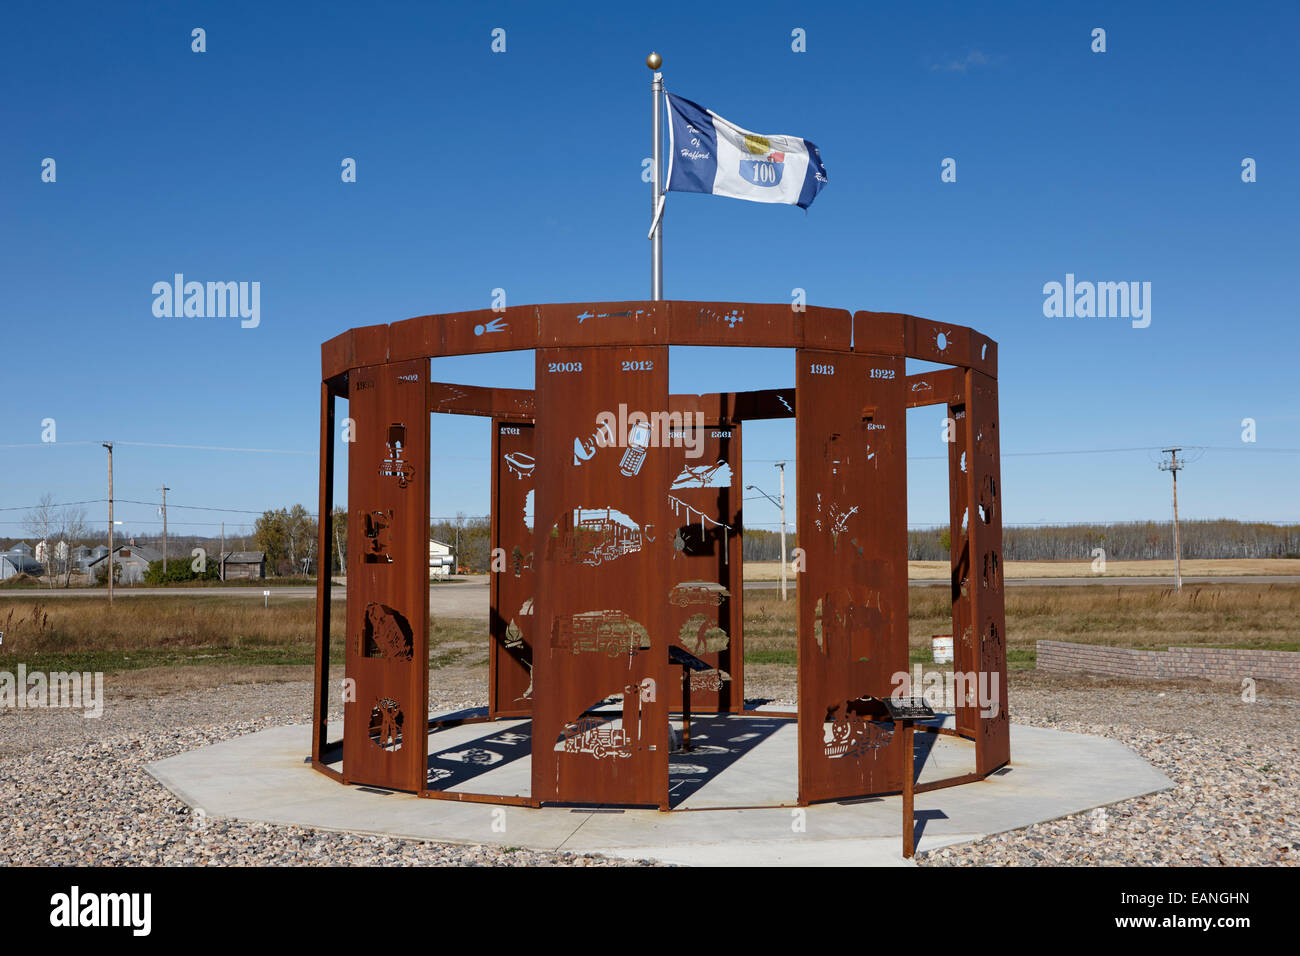 hafford centennial memorial sculpture Saskatchewan Canada - Stock Image